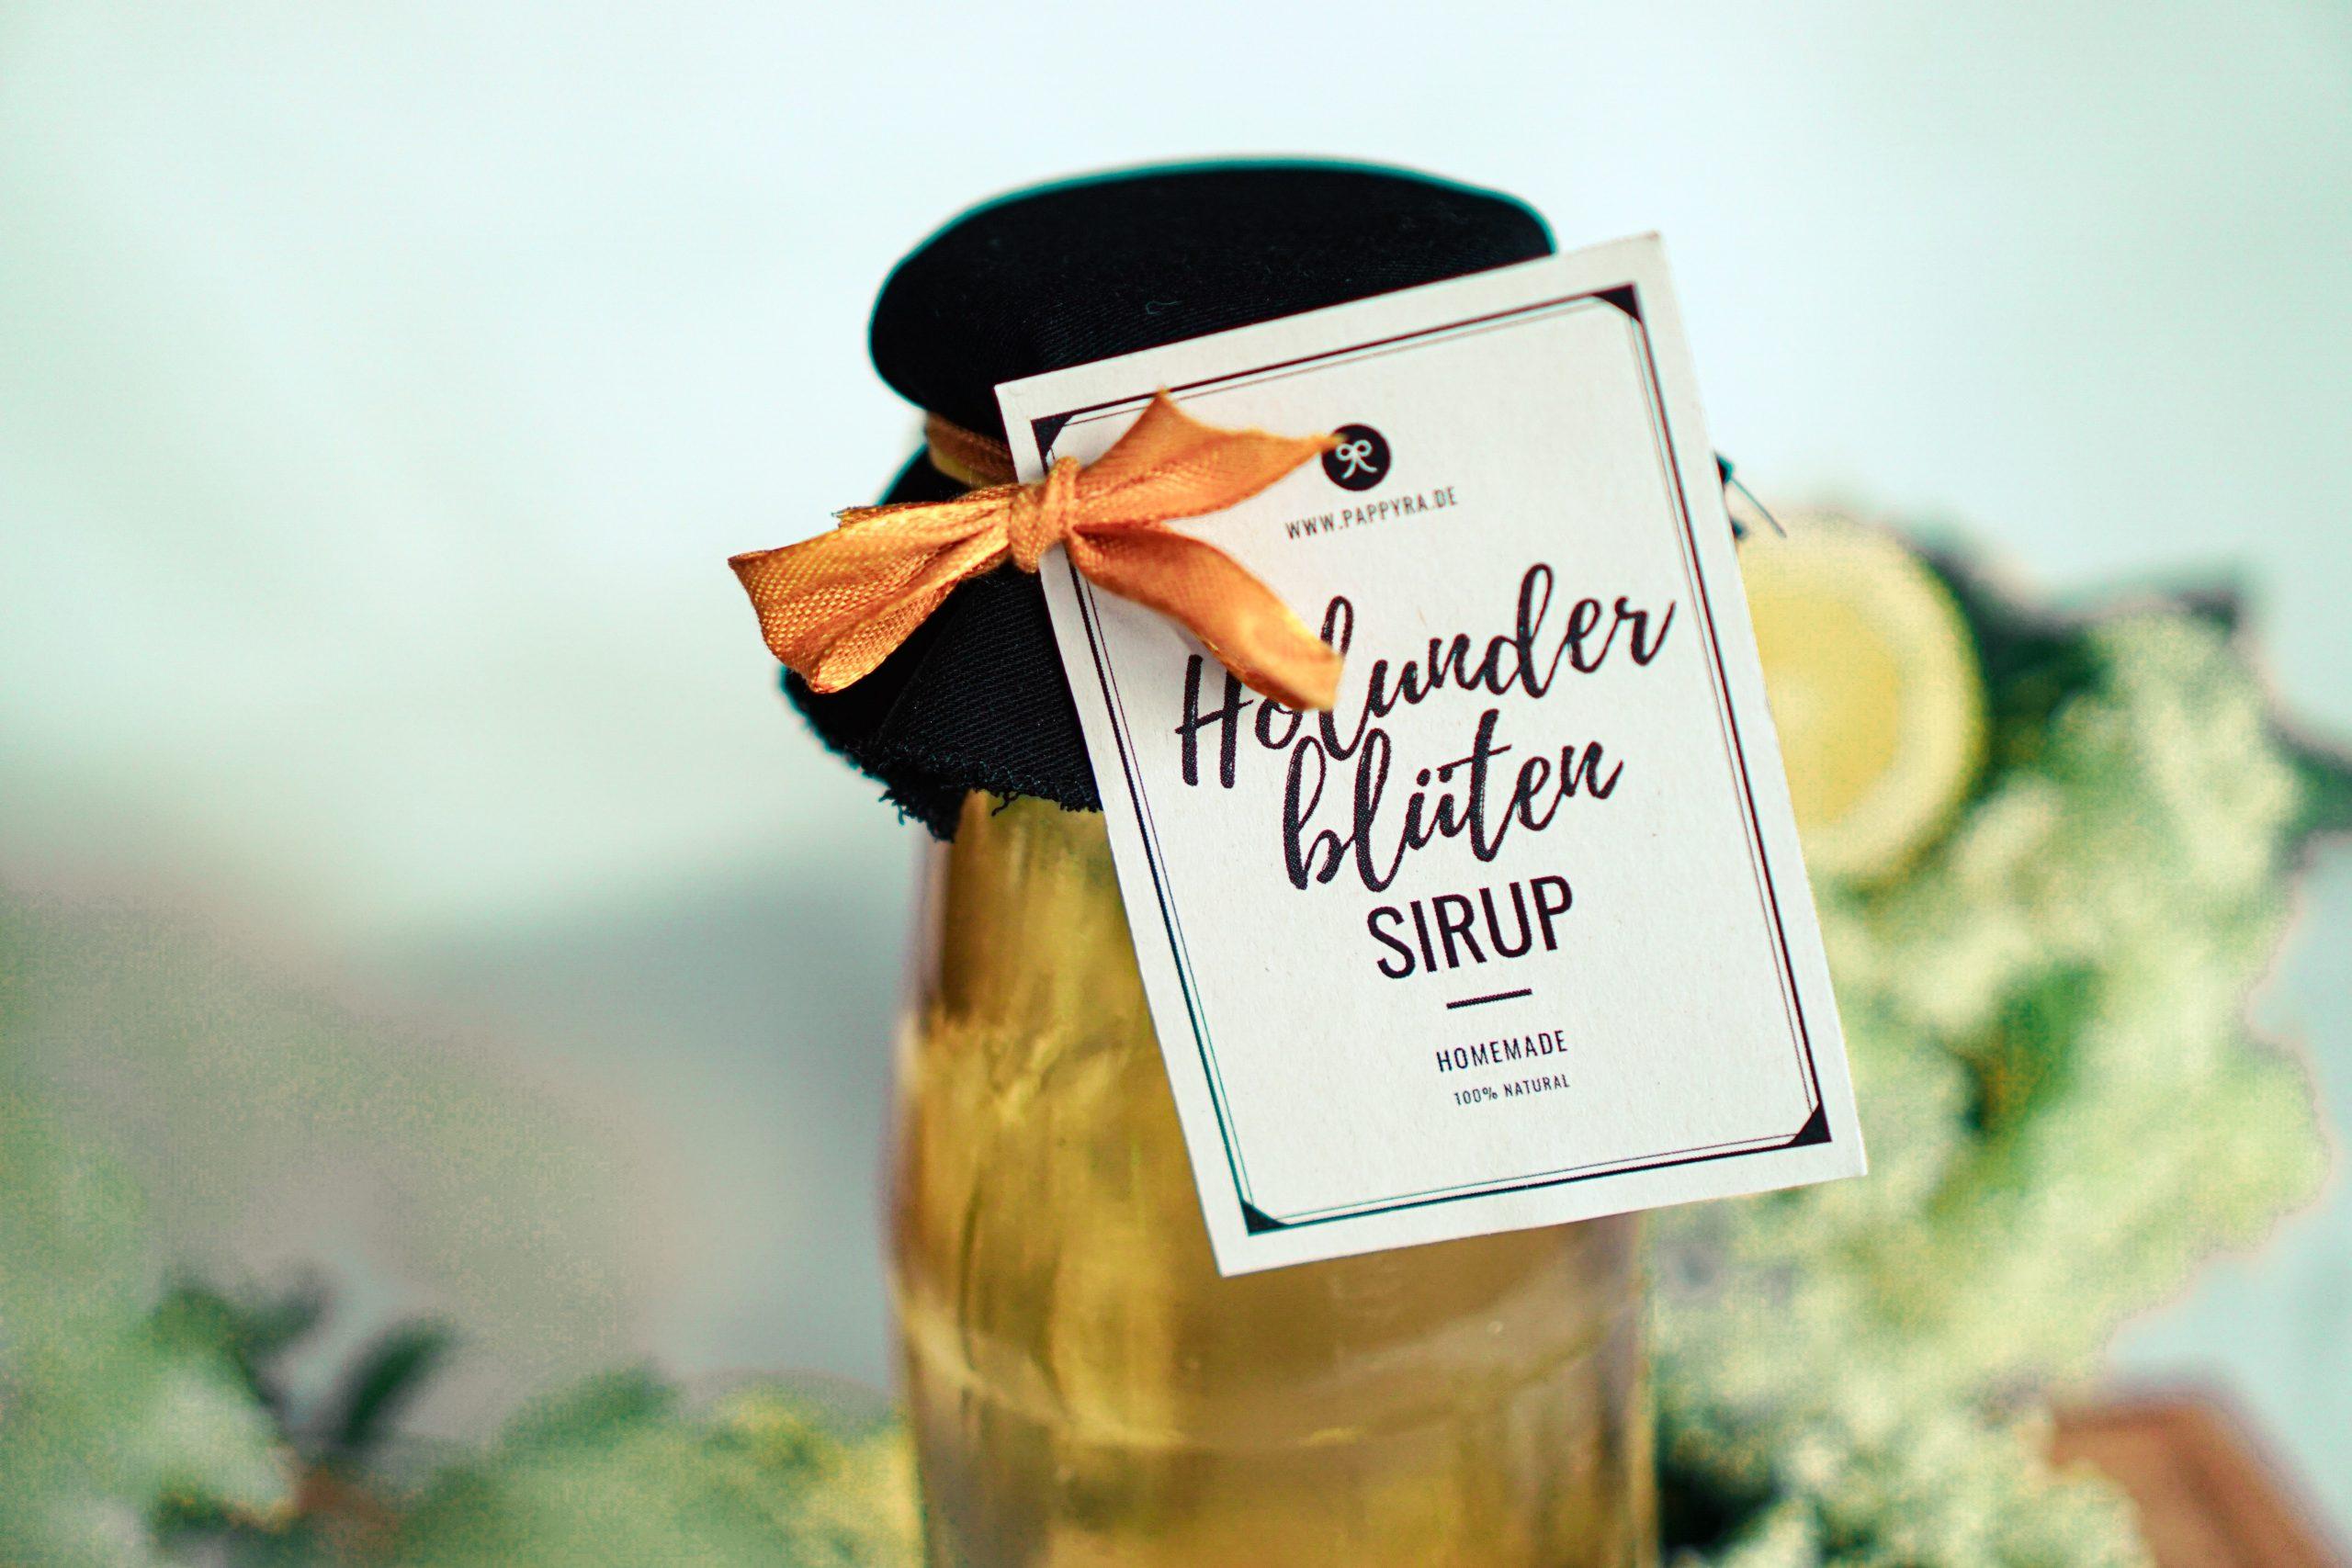 Holunderblütensirup mit Etikett als Geschenkidee